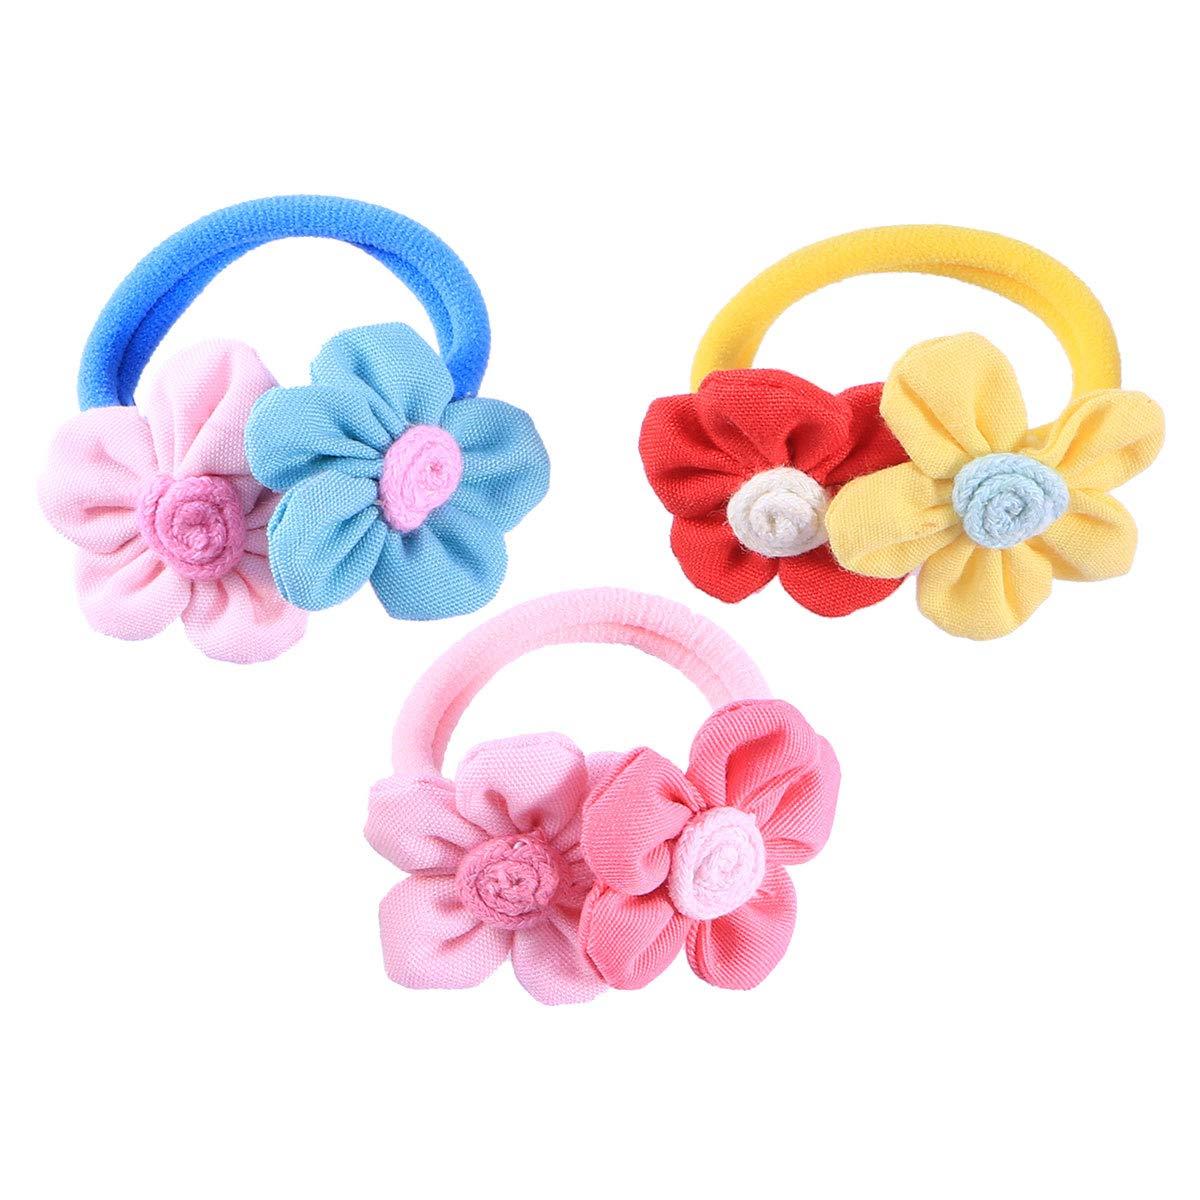 Frcolor 3pcs legami di capelli floreali belli capelli ricci coda di cavallo pigtail titolare legami elastici in gomma per le ragazze